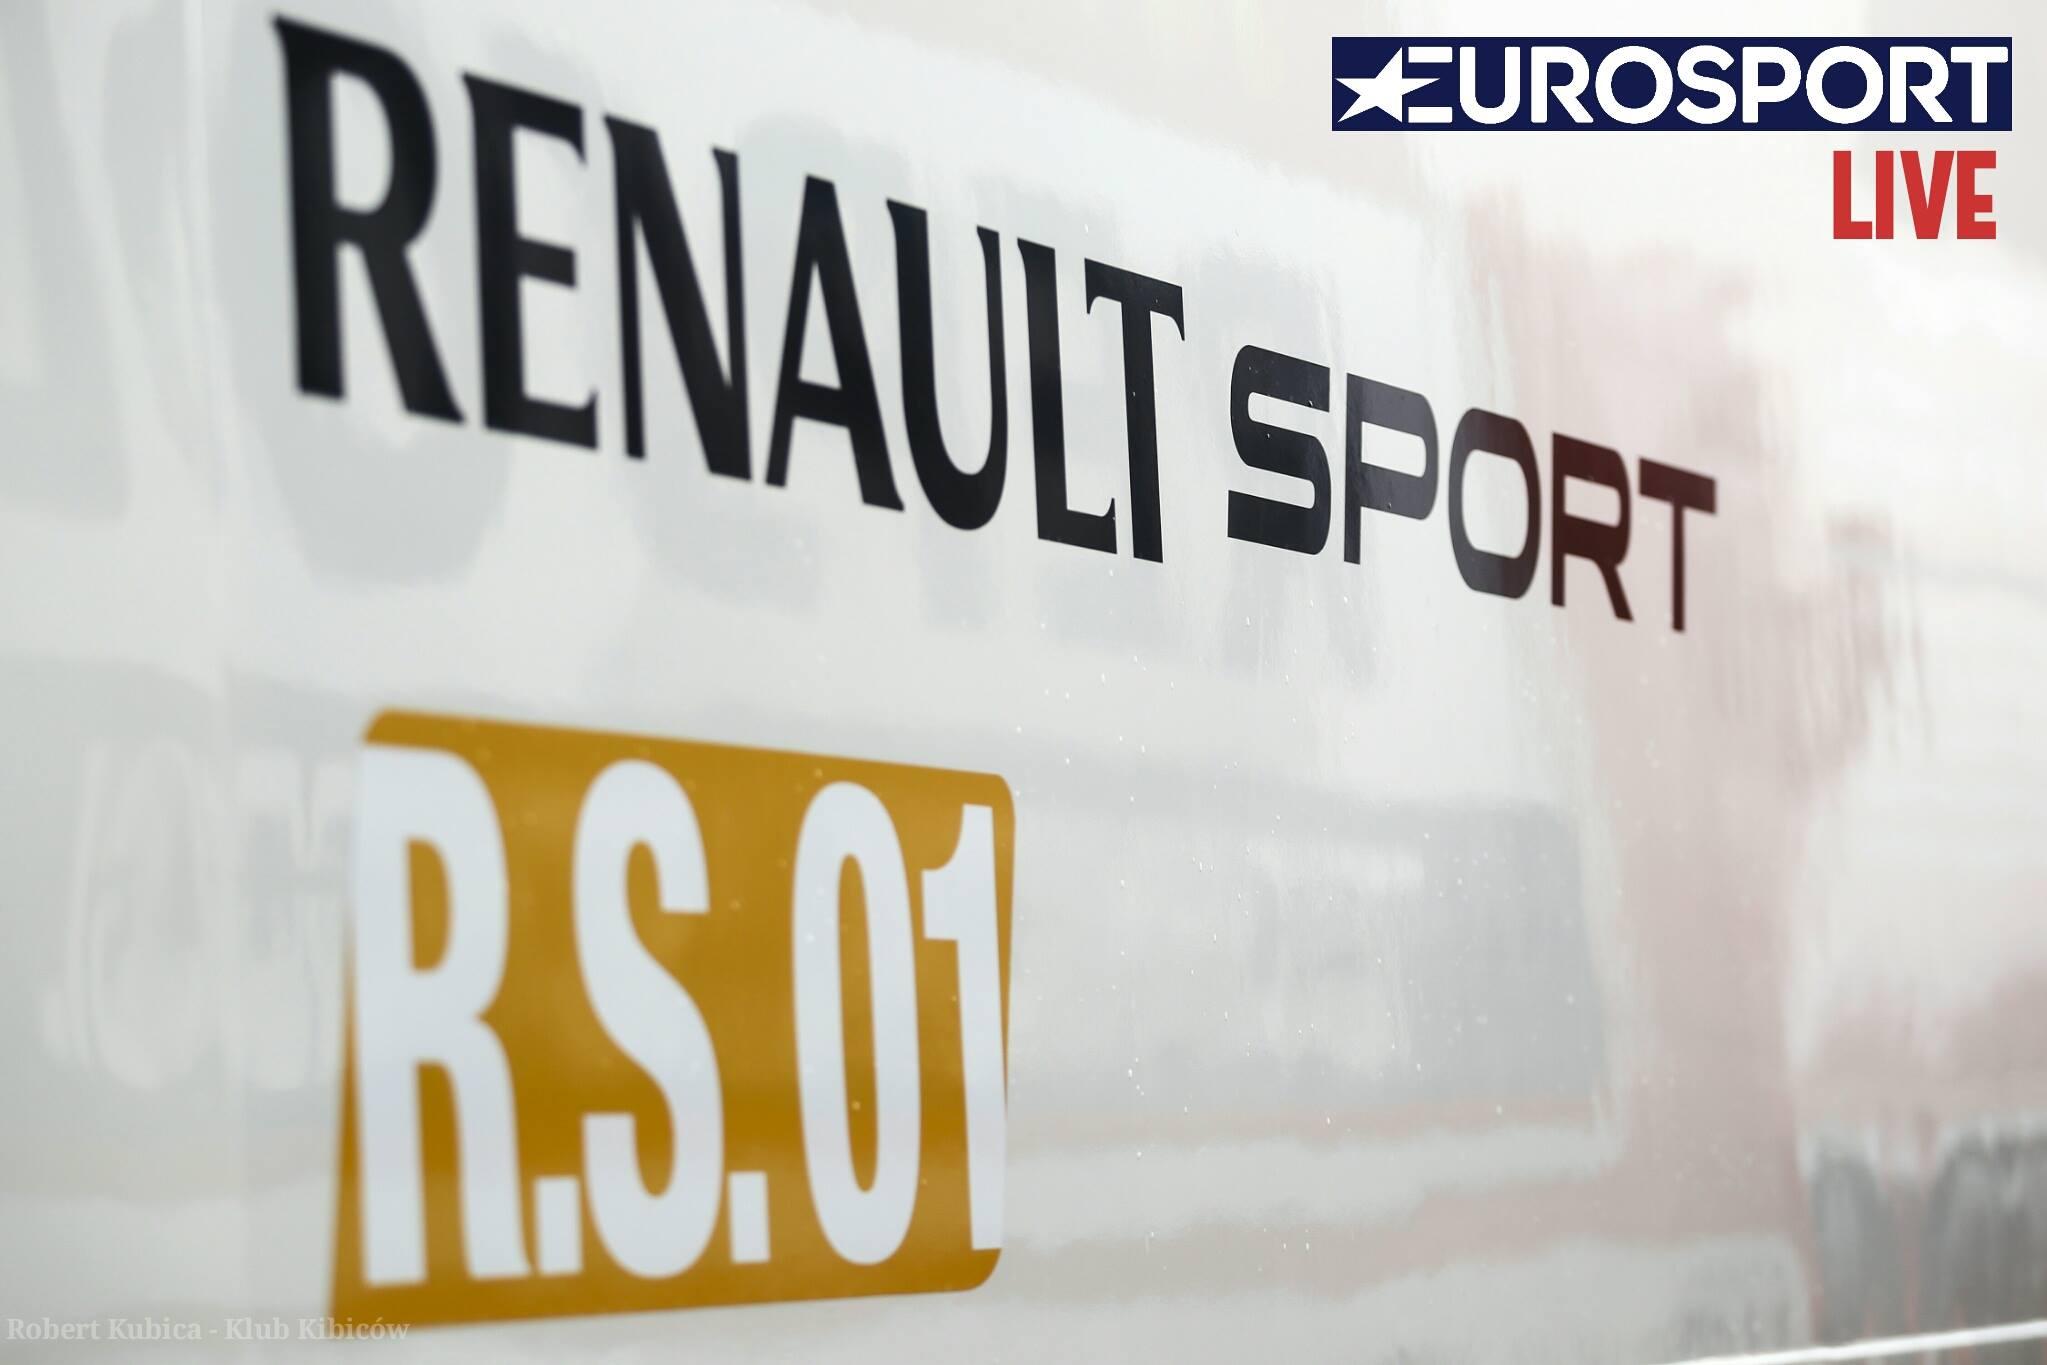 Robert Kubica transmisja z Renault Sport Trophy na żywo w Eurosport